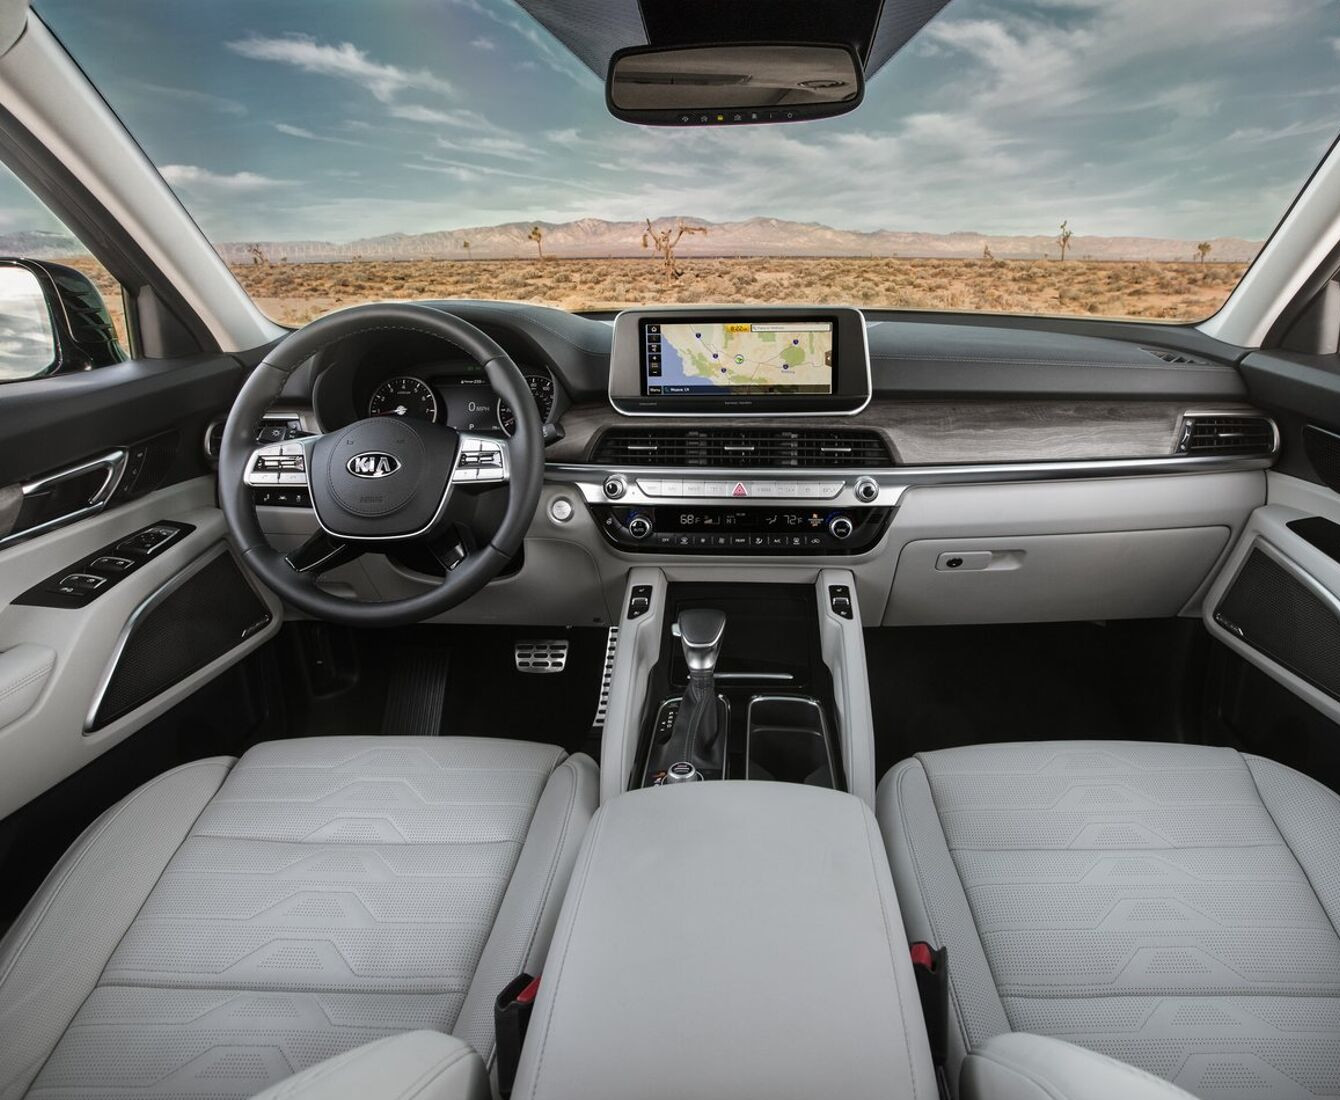 2020 Kia Telluride interior view front cabin